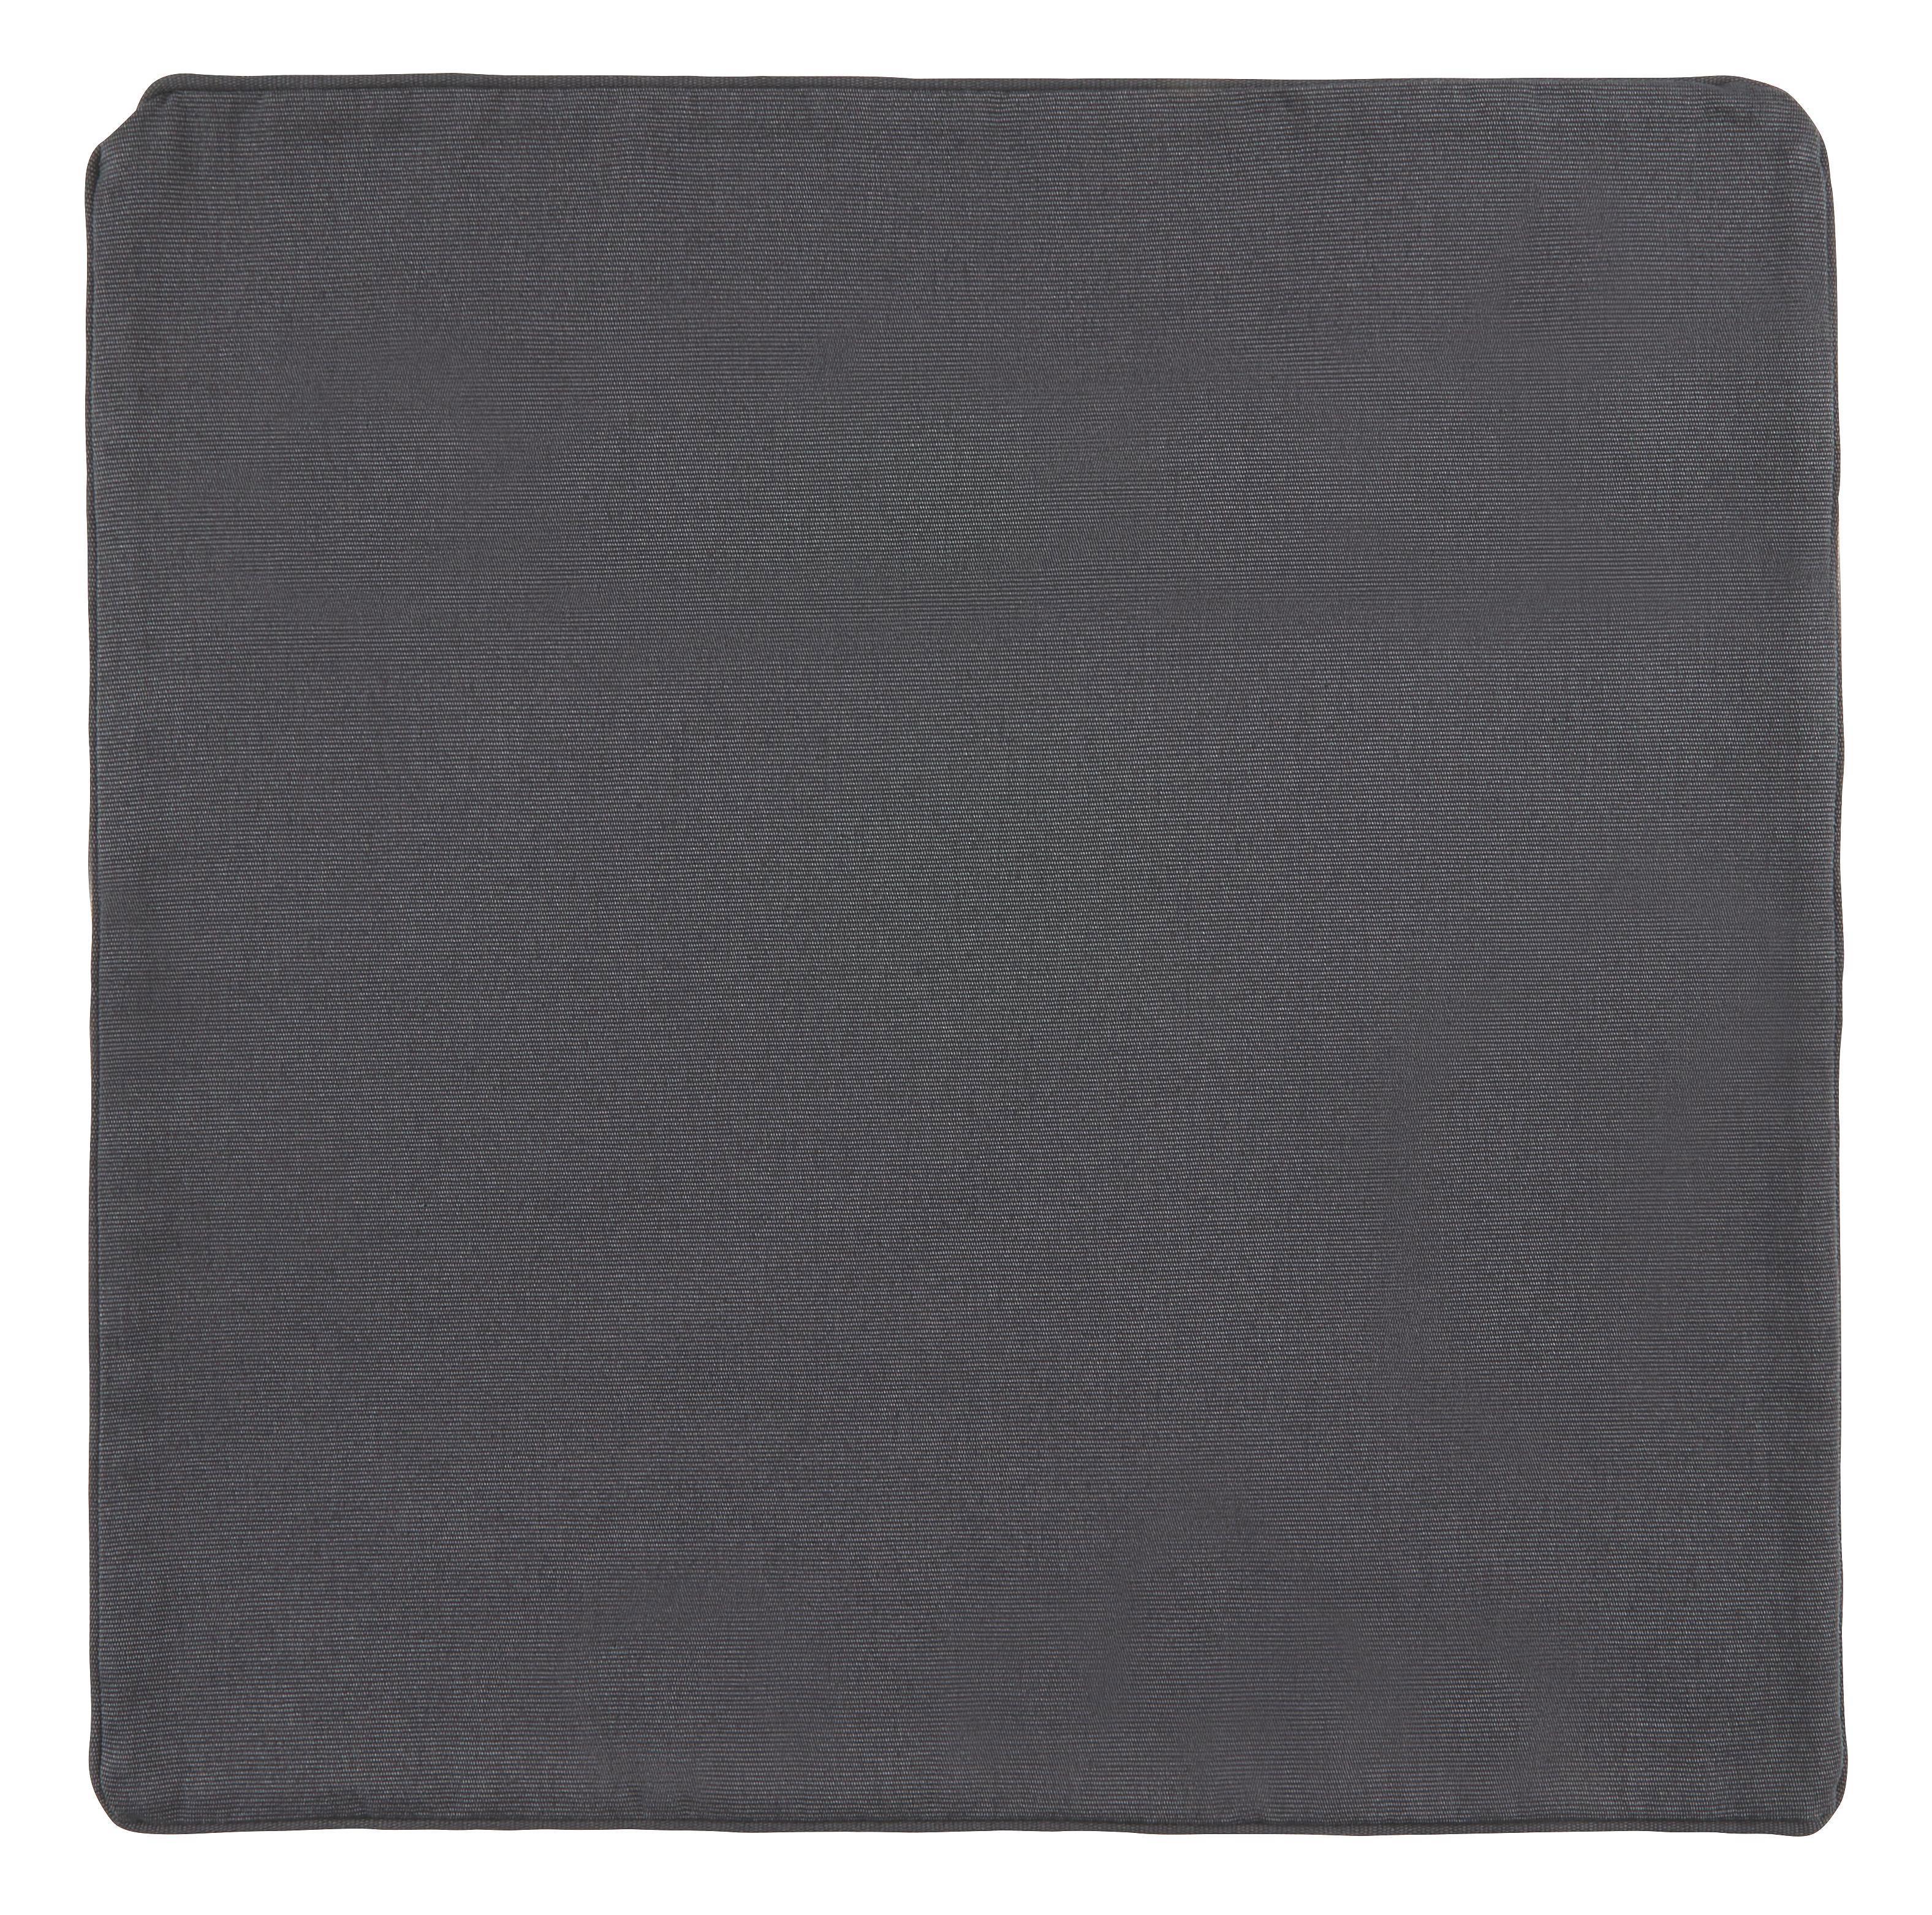 Párnahuzat Steffi - antracit, textil (50/50cm) - MÖMAX modern living